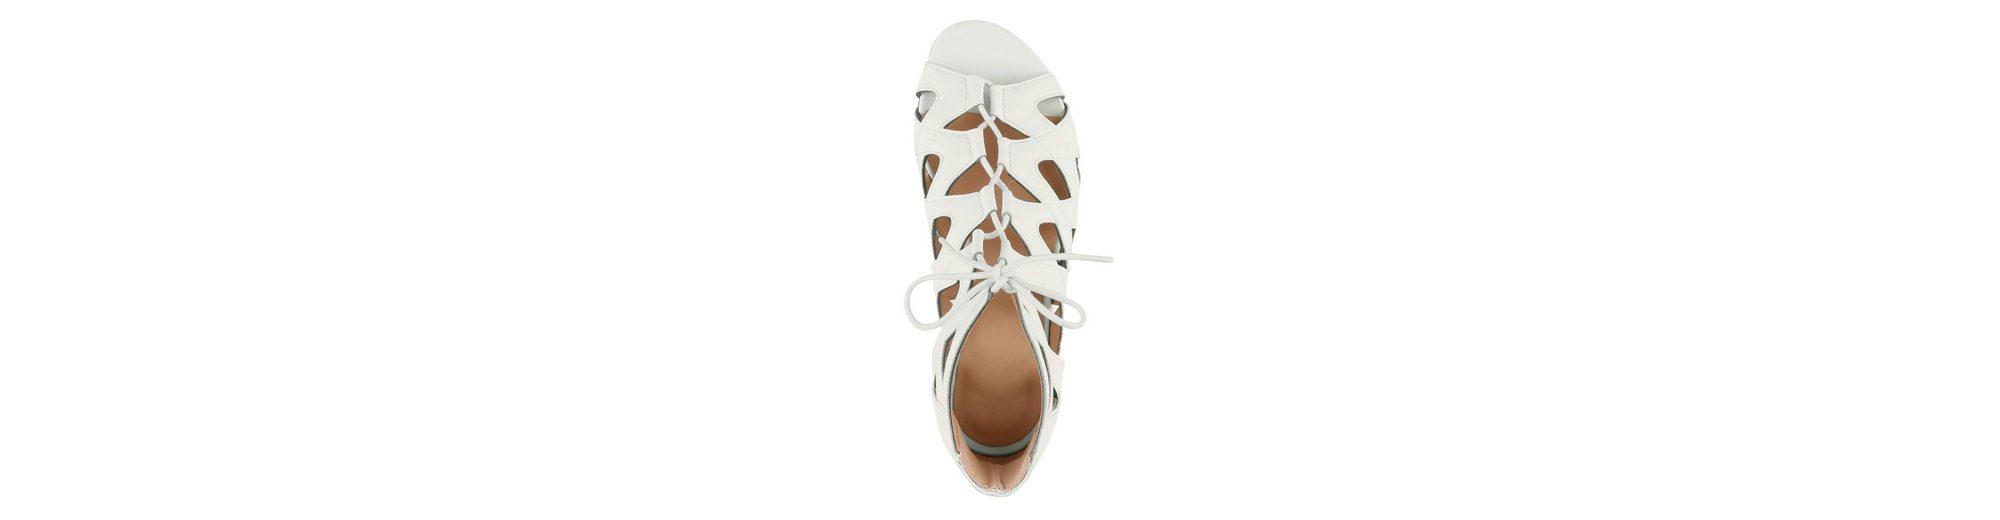 Liva Loop Sandale mit raffinierter Ristschnürung Günstig Kaufen Niedrigsten Preis aJEa3psS